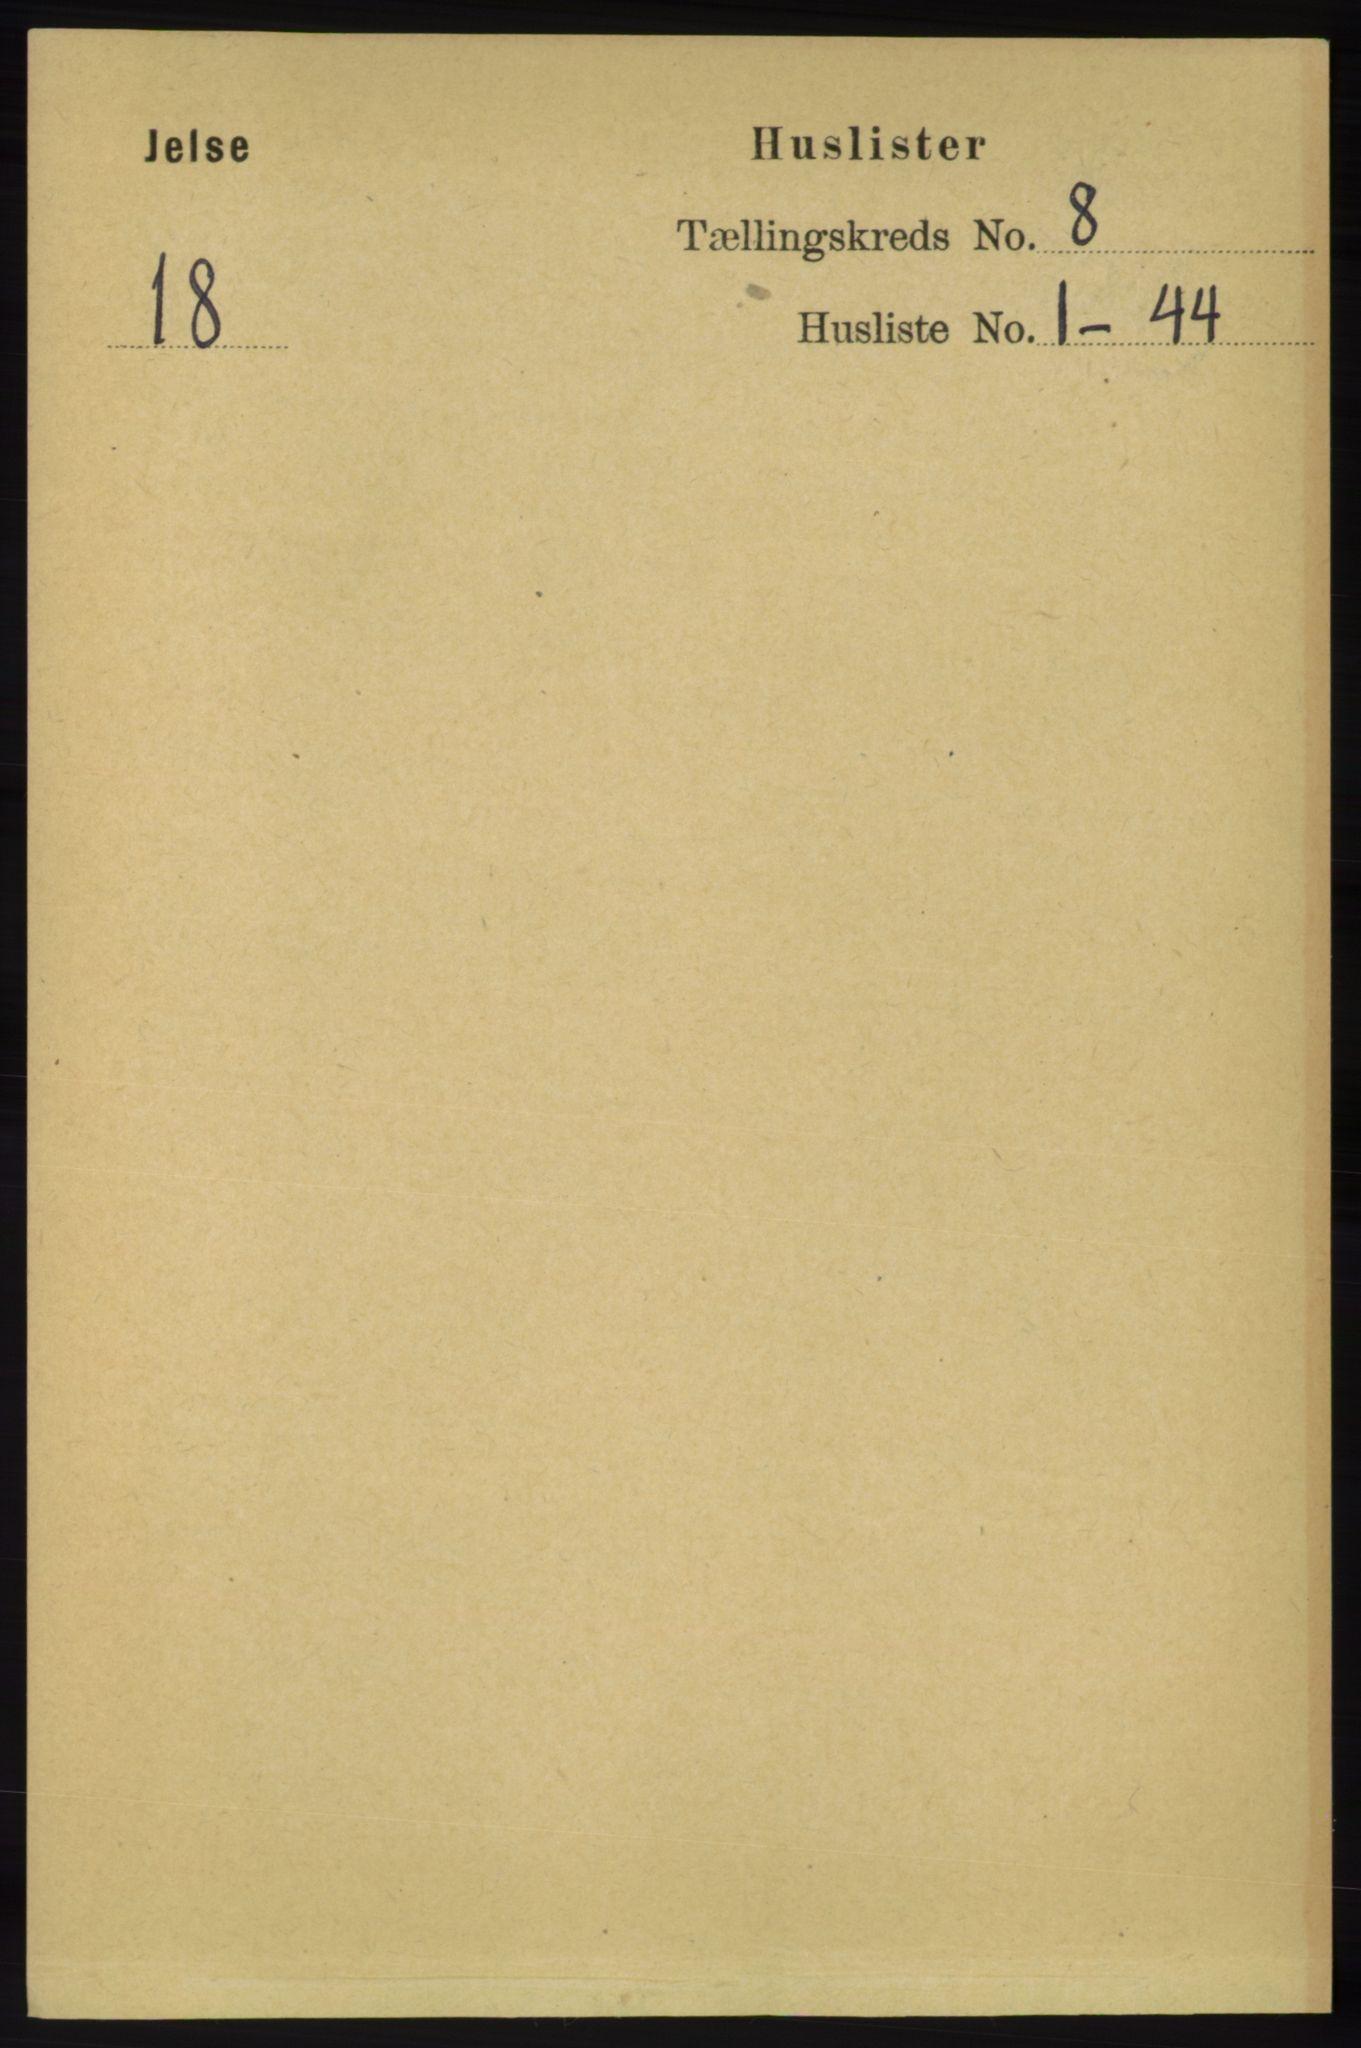 RA, Folketelling 1891 for 1138 Jelsa herred, 1891, s. 1756